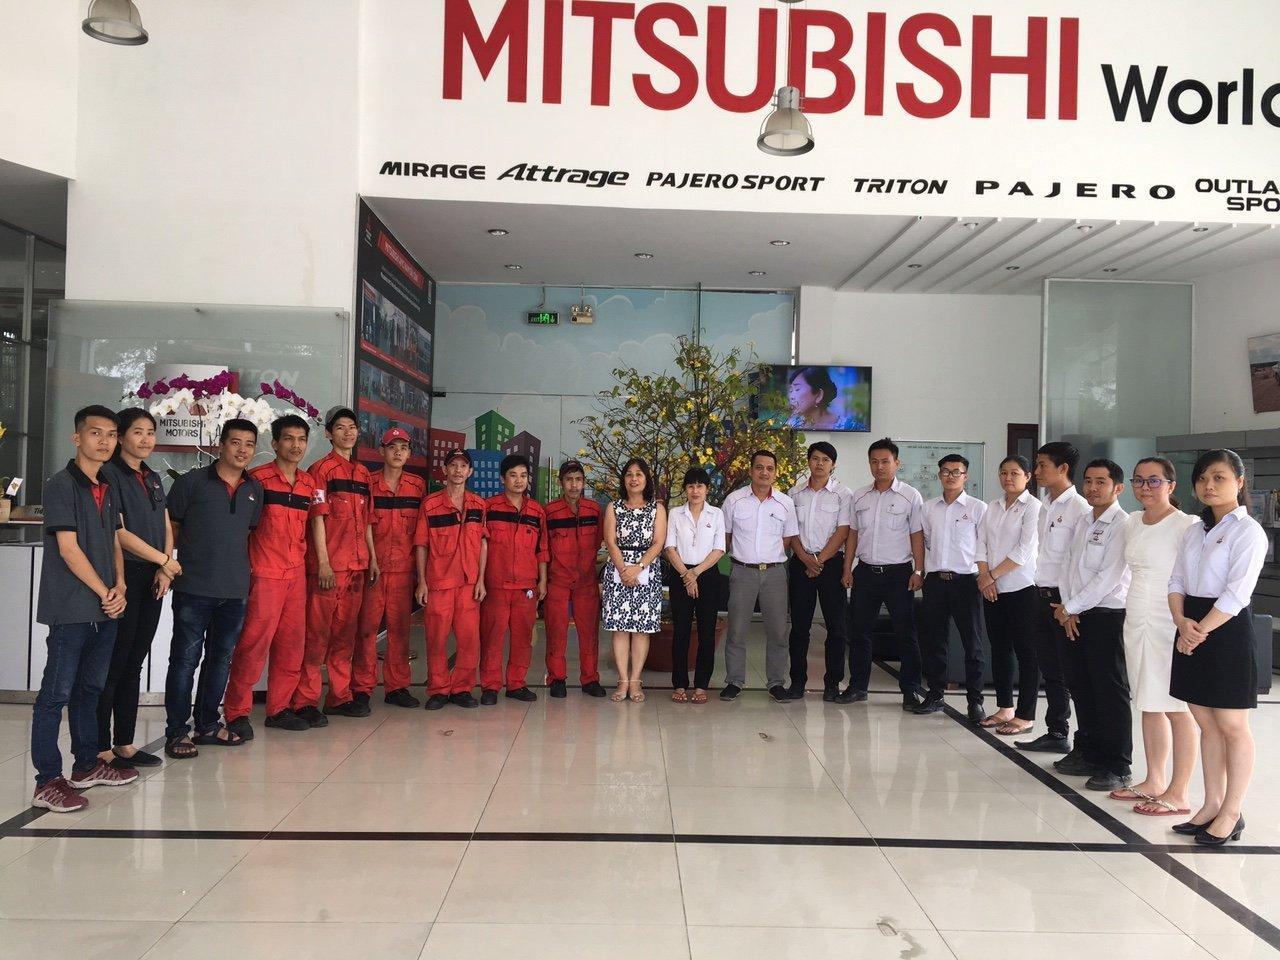 Đại Lý Mitsubishi Vũng Tàu – Showroom Mitsubishi Vũng Tàu